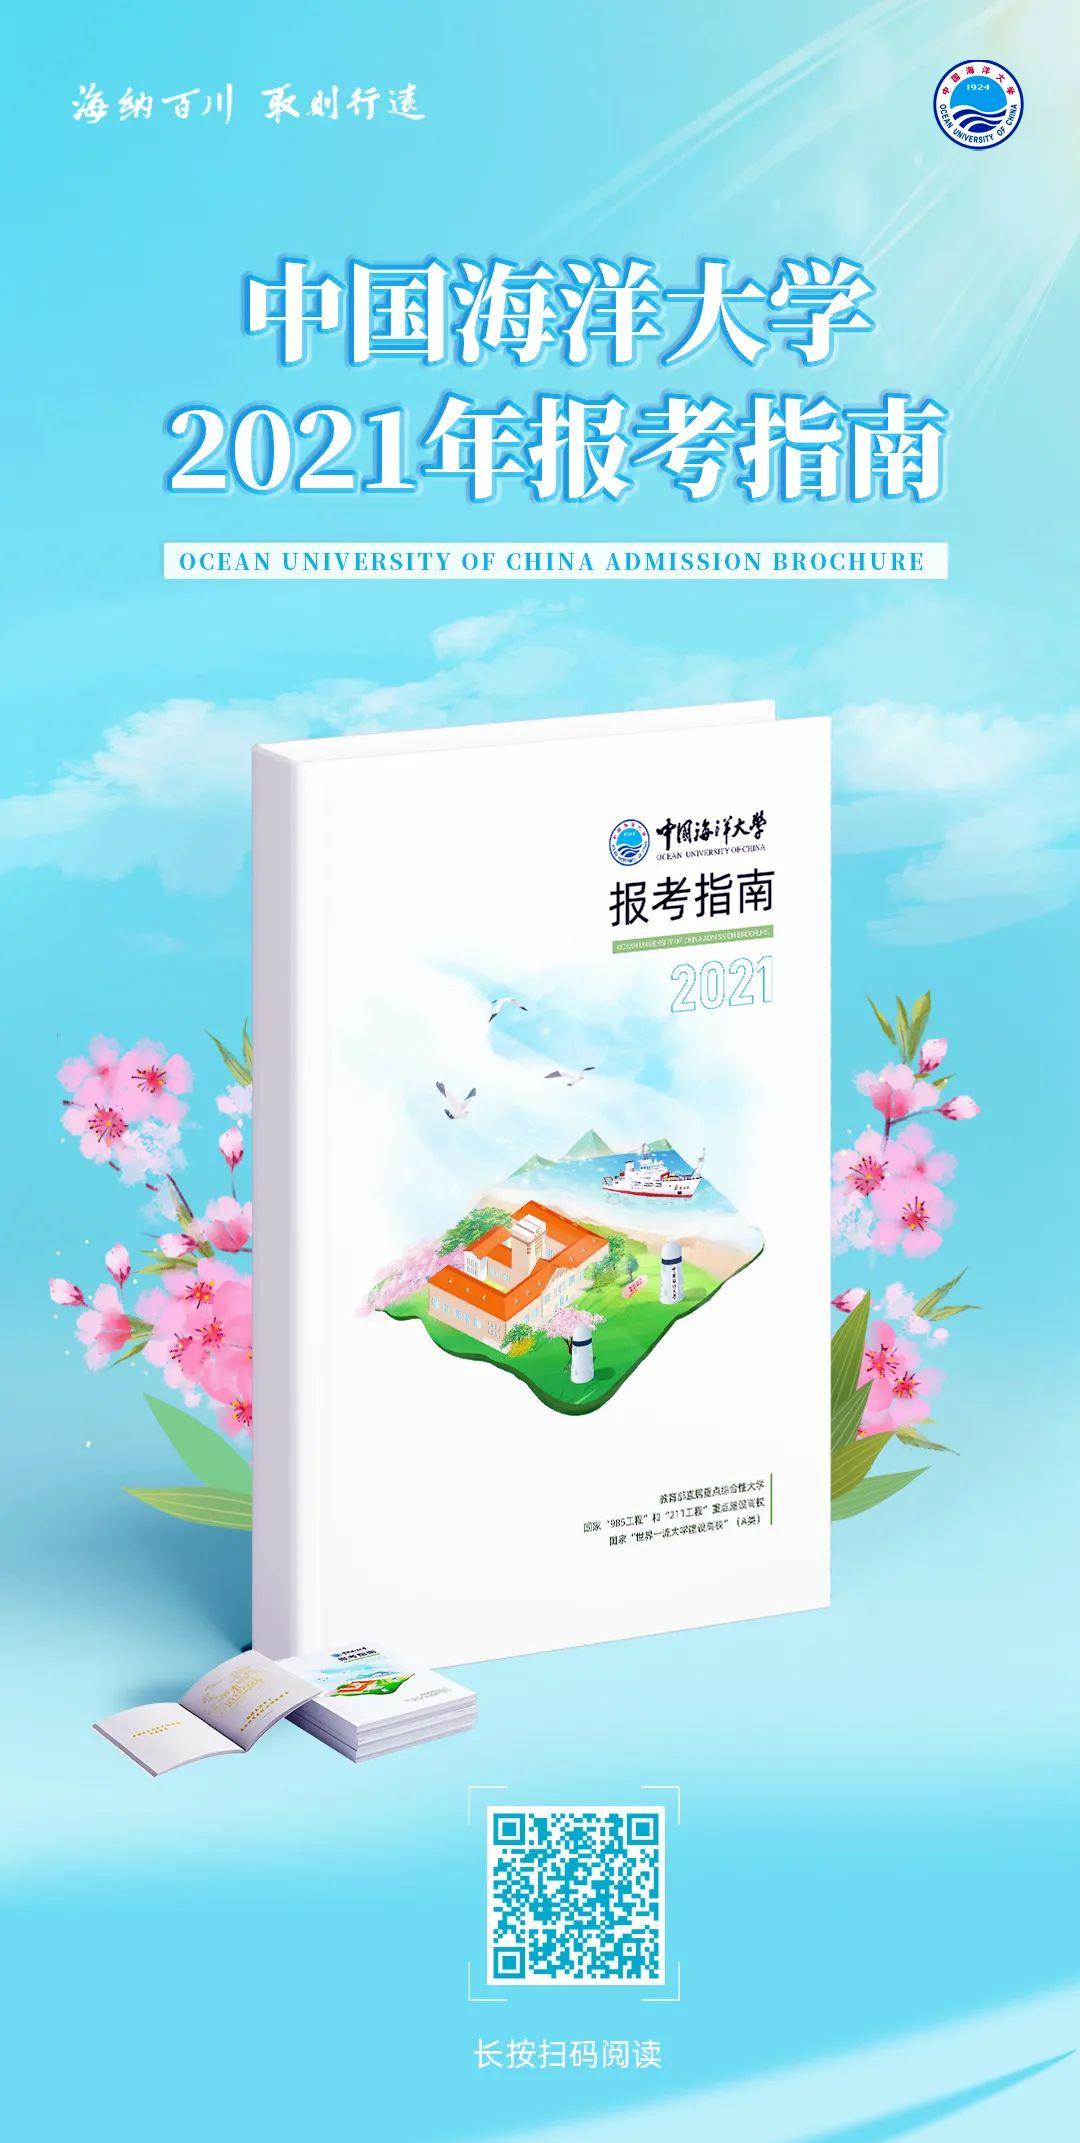 来中国海洋大学,值得!